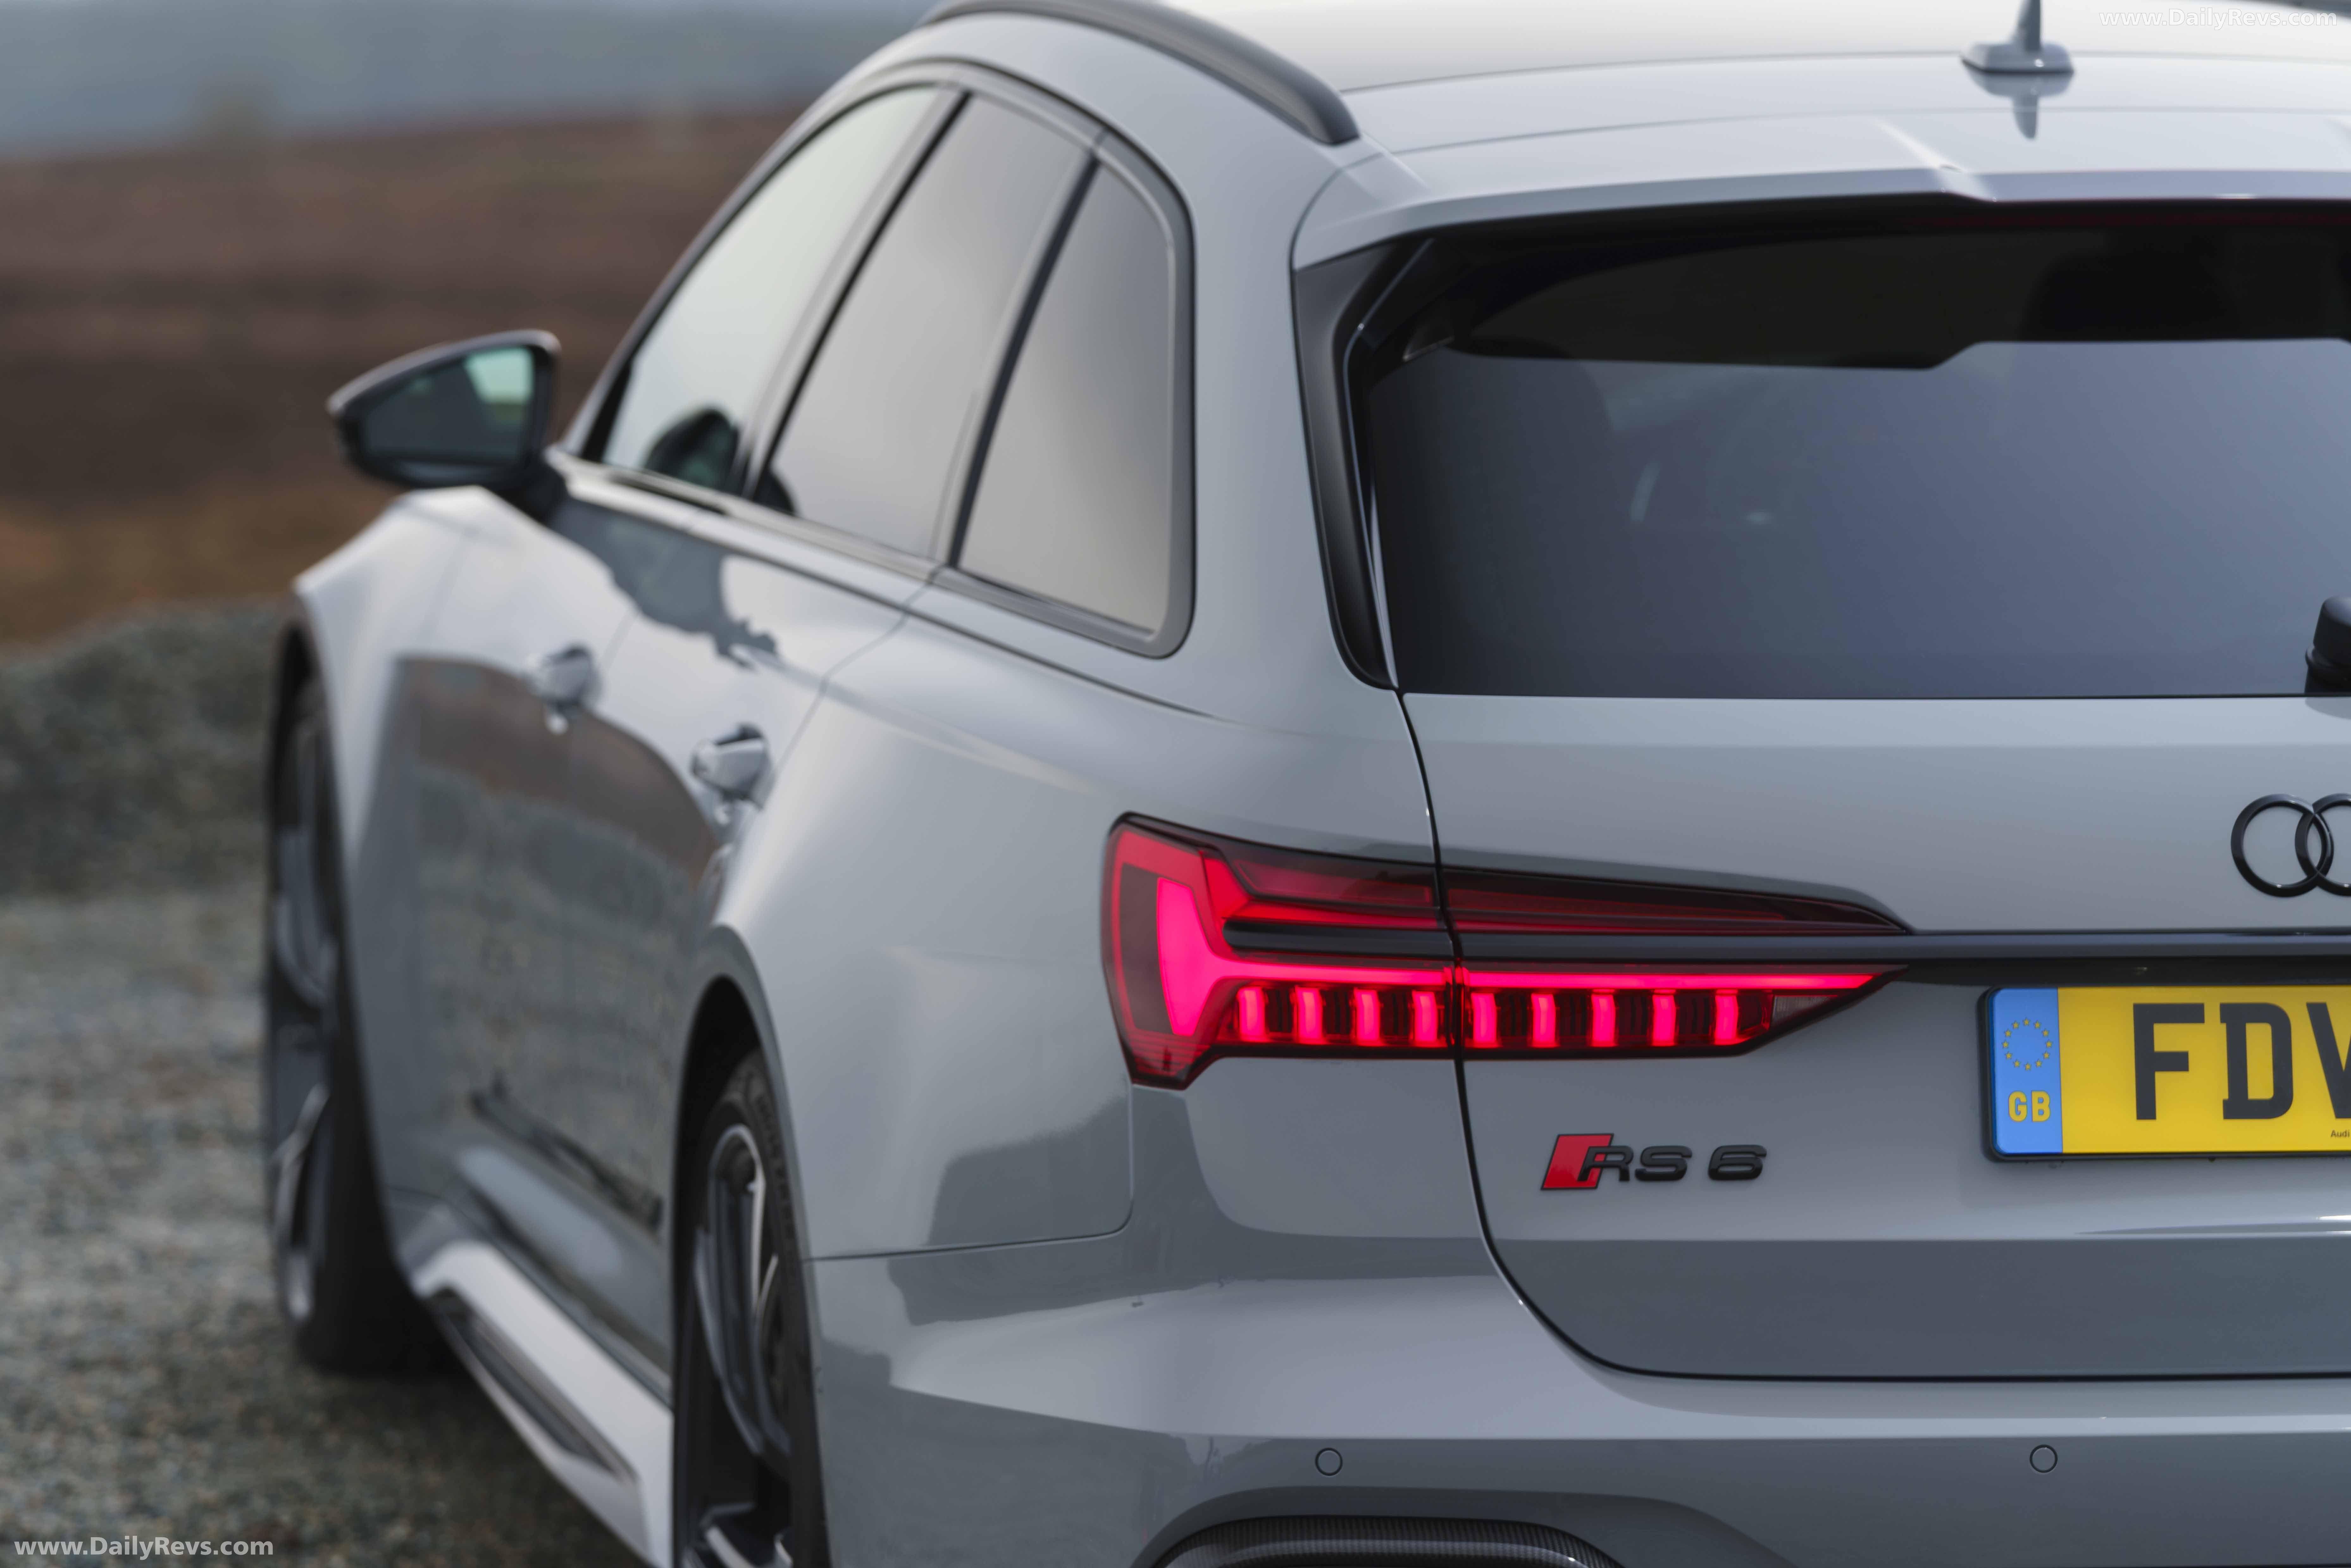 2020 Audi RS 6 Avant UK - HD Pictures, Videos, Specs ...